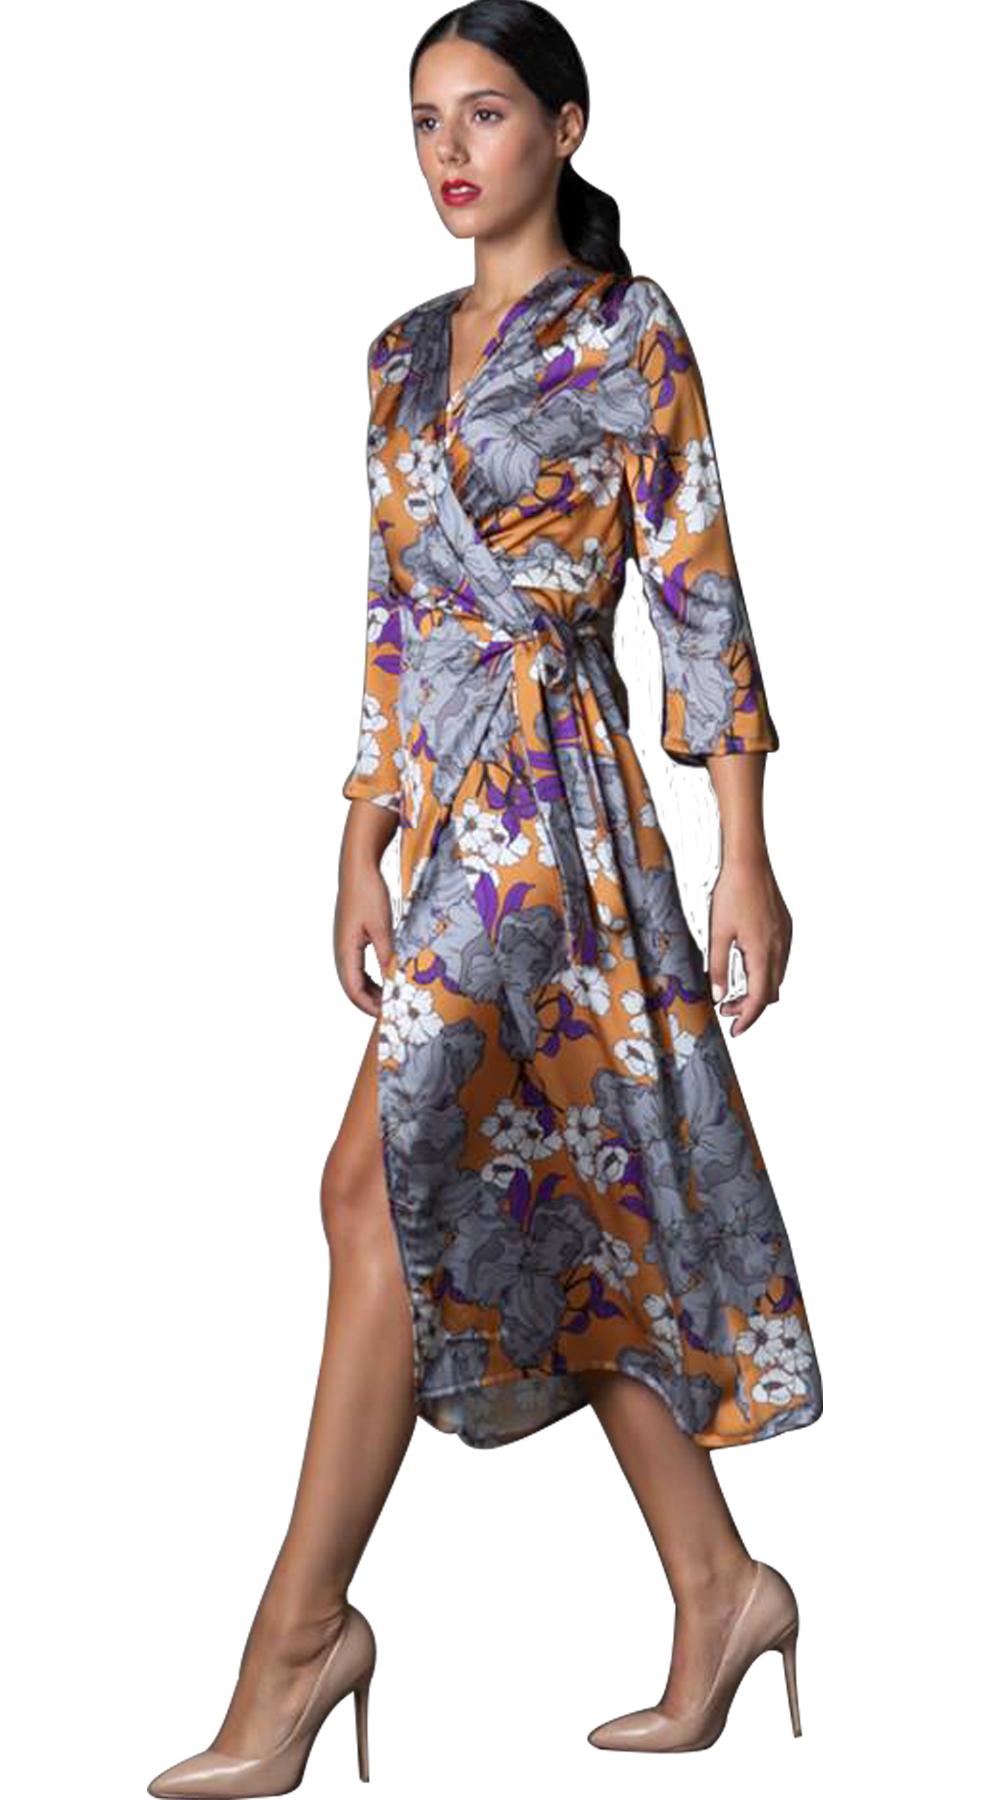 Κρουαζέ Μίντι Φλοράλ Φόρεμα  7a2819f2d90